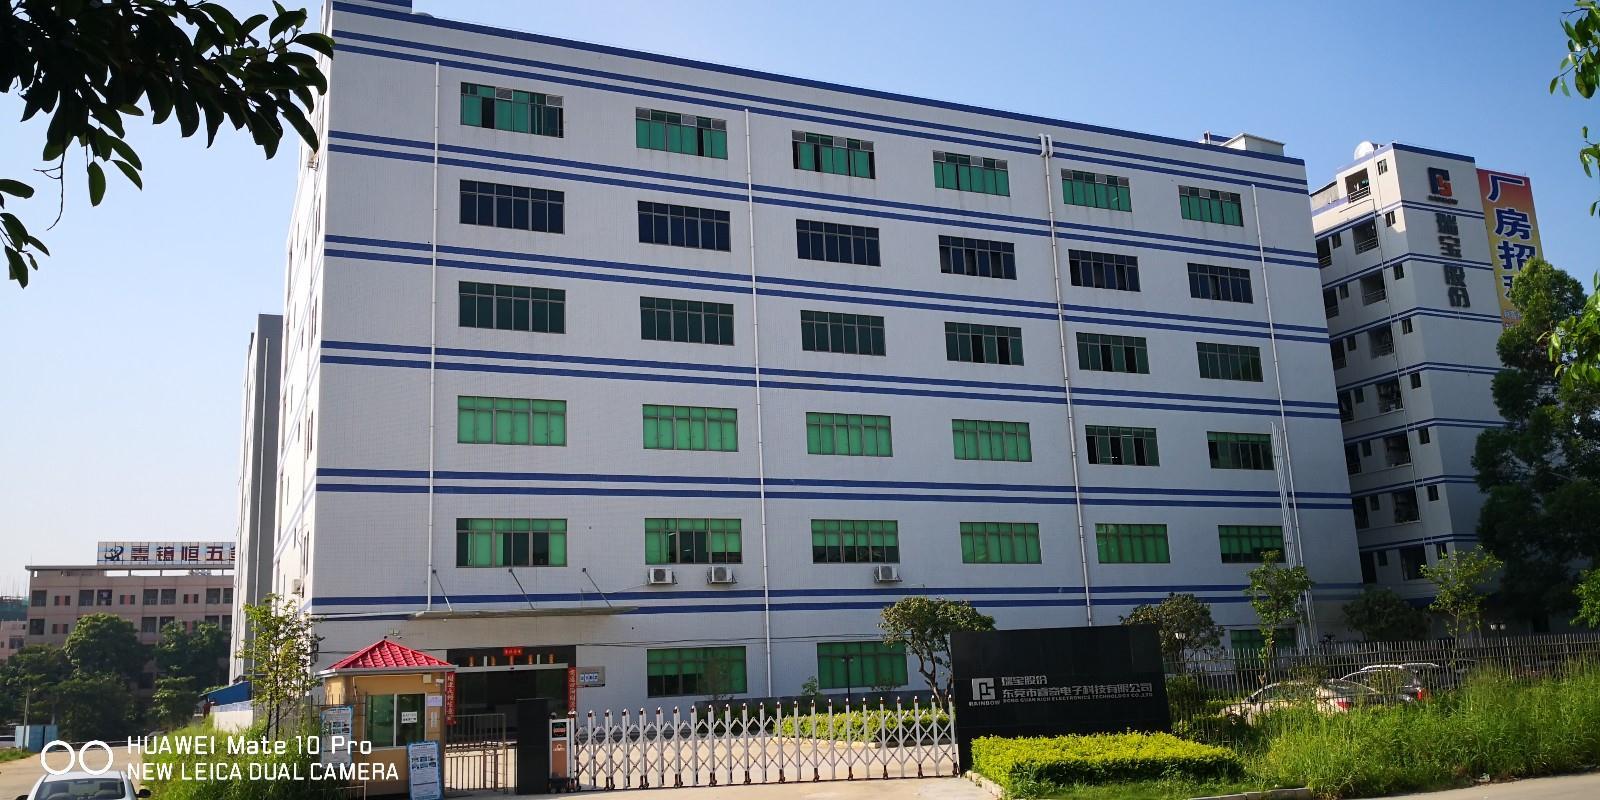 东莞市睿奇电子科技有限公司项目自行验收意见